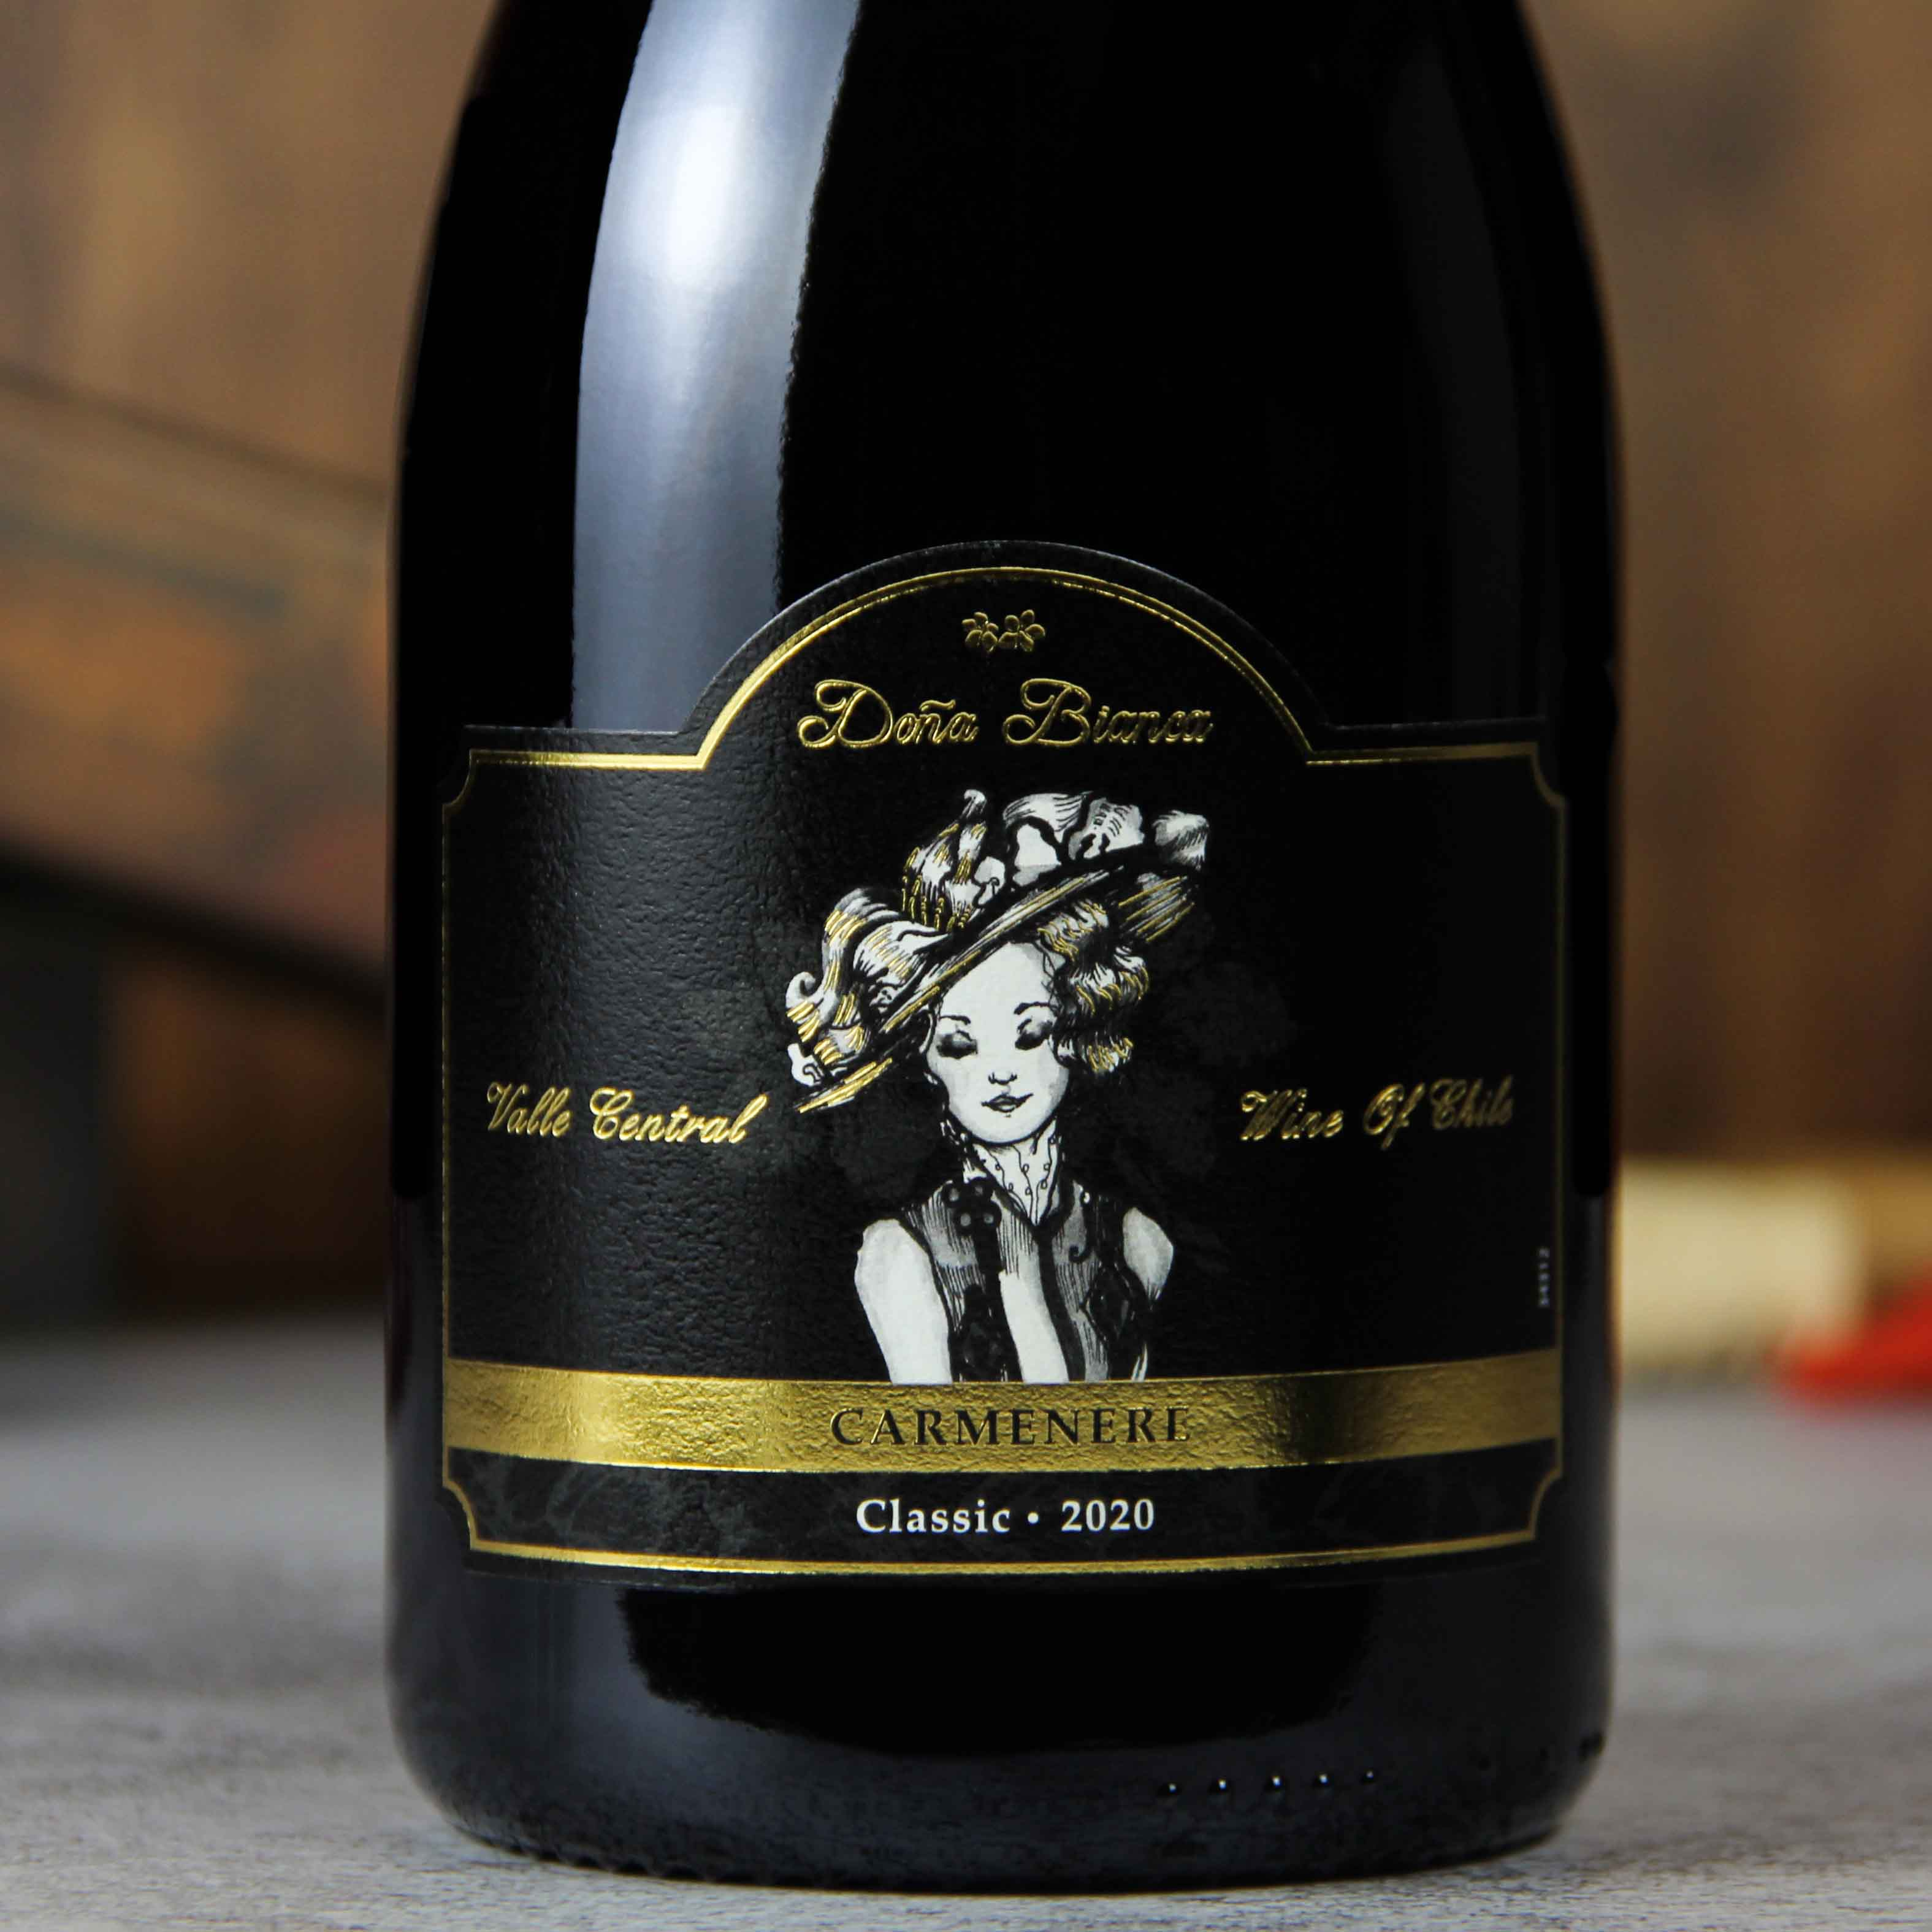 智利中央山谷DonaBianca酒庄安卡夫人佳美娜经典干红葡萄酒